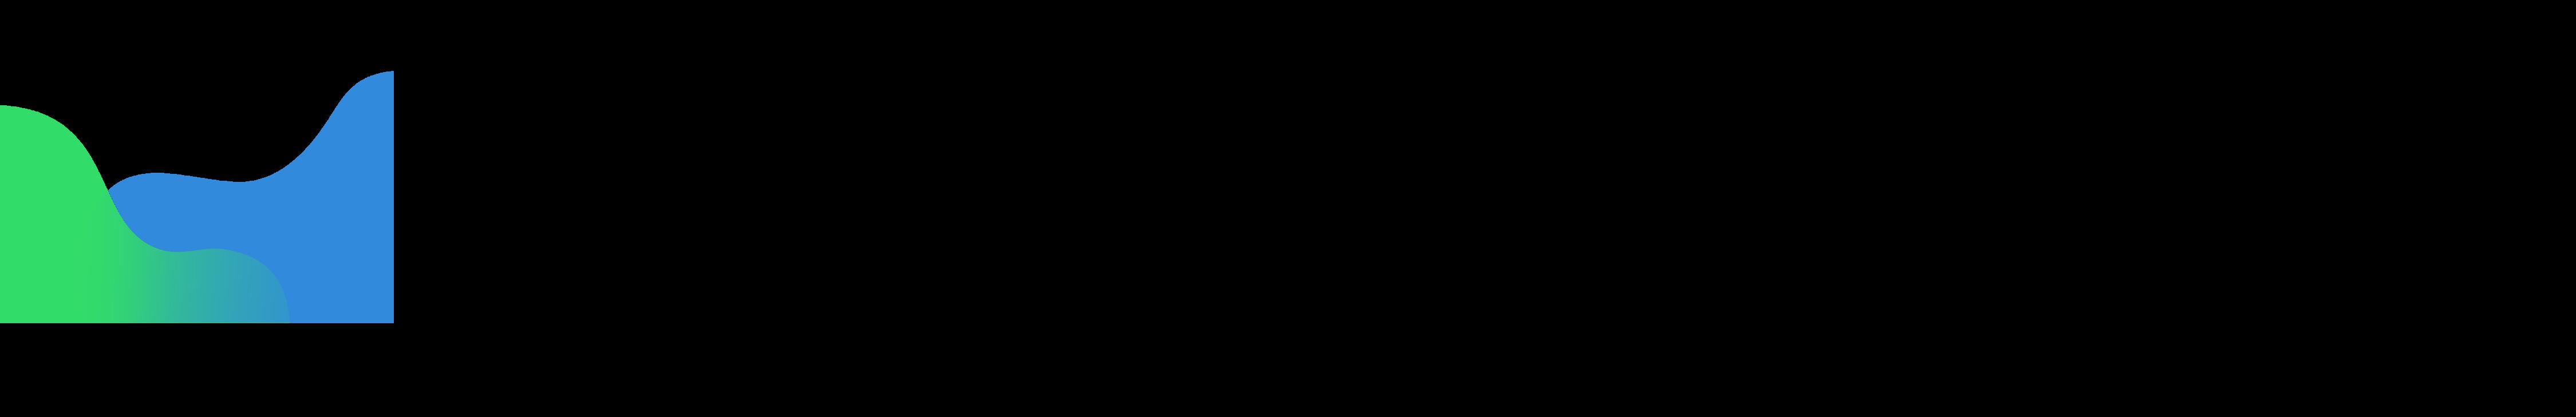 Metashape